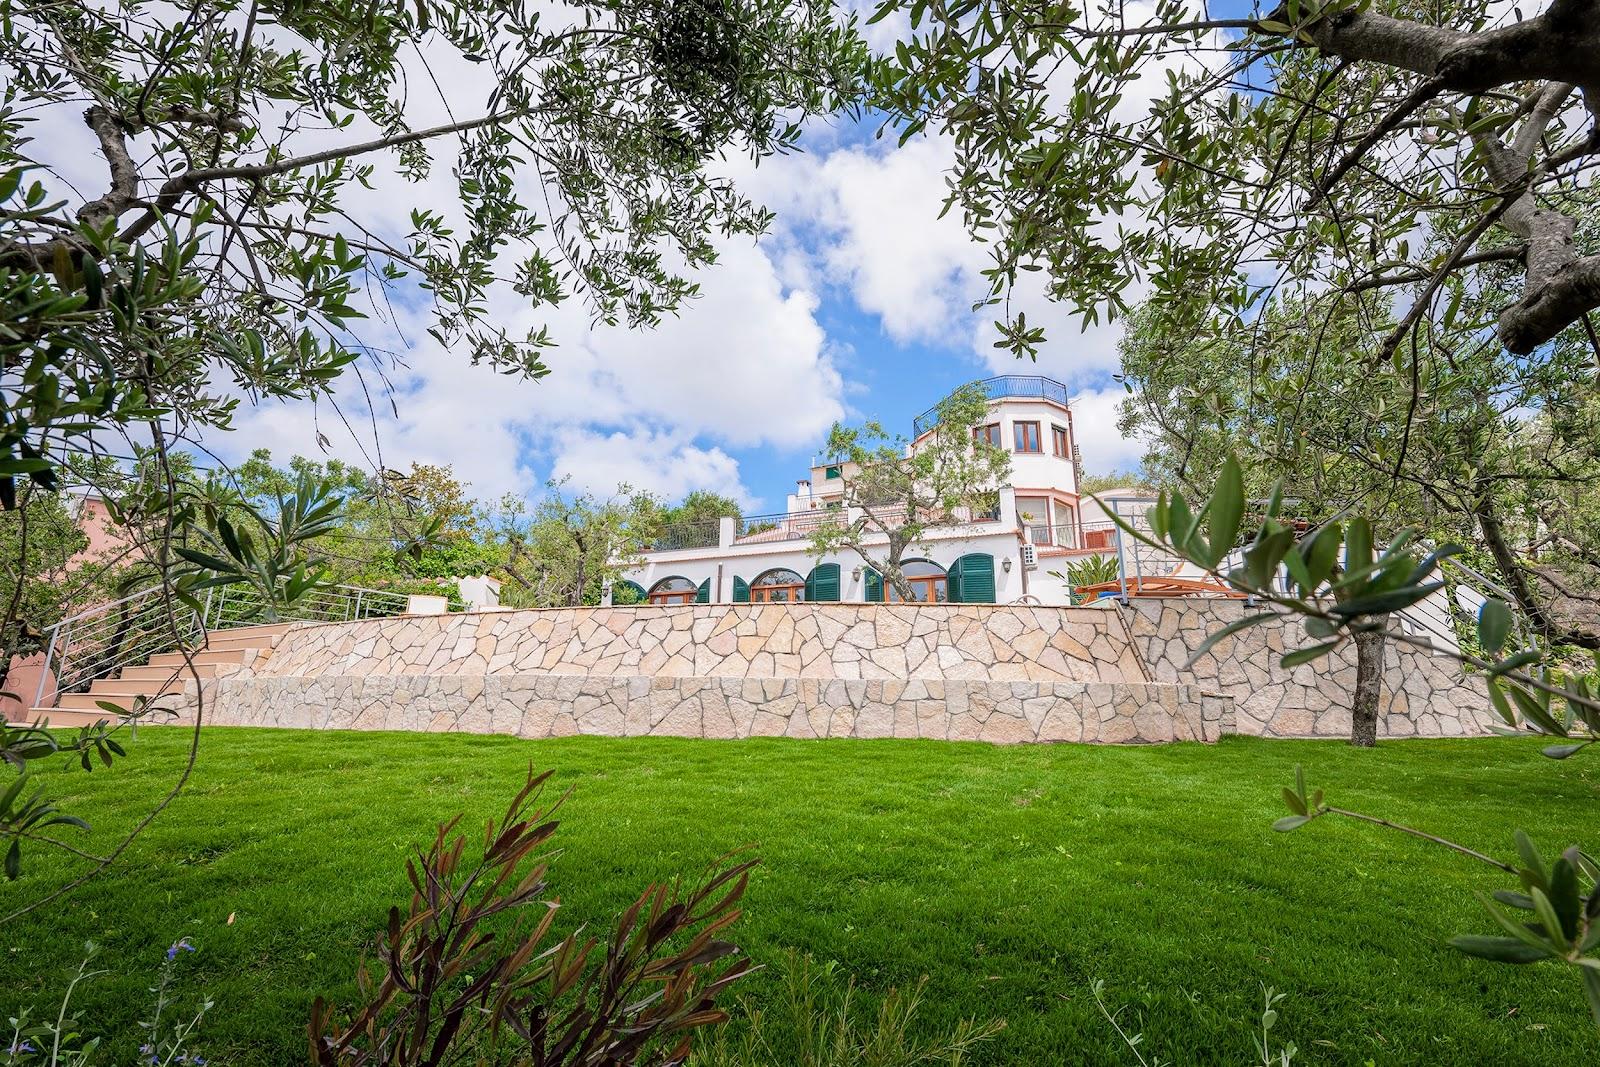 Ferienhaus Villa Giardino (734746), Massa Lubrense, Amalfiküste, Kampanien, Italien, Bild 5